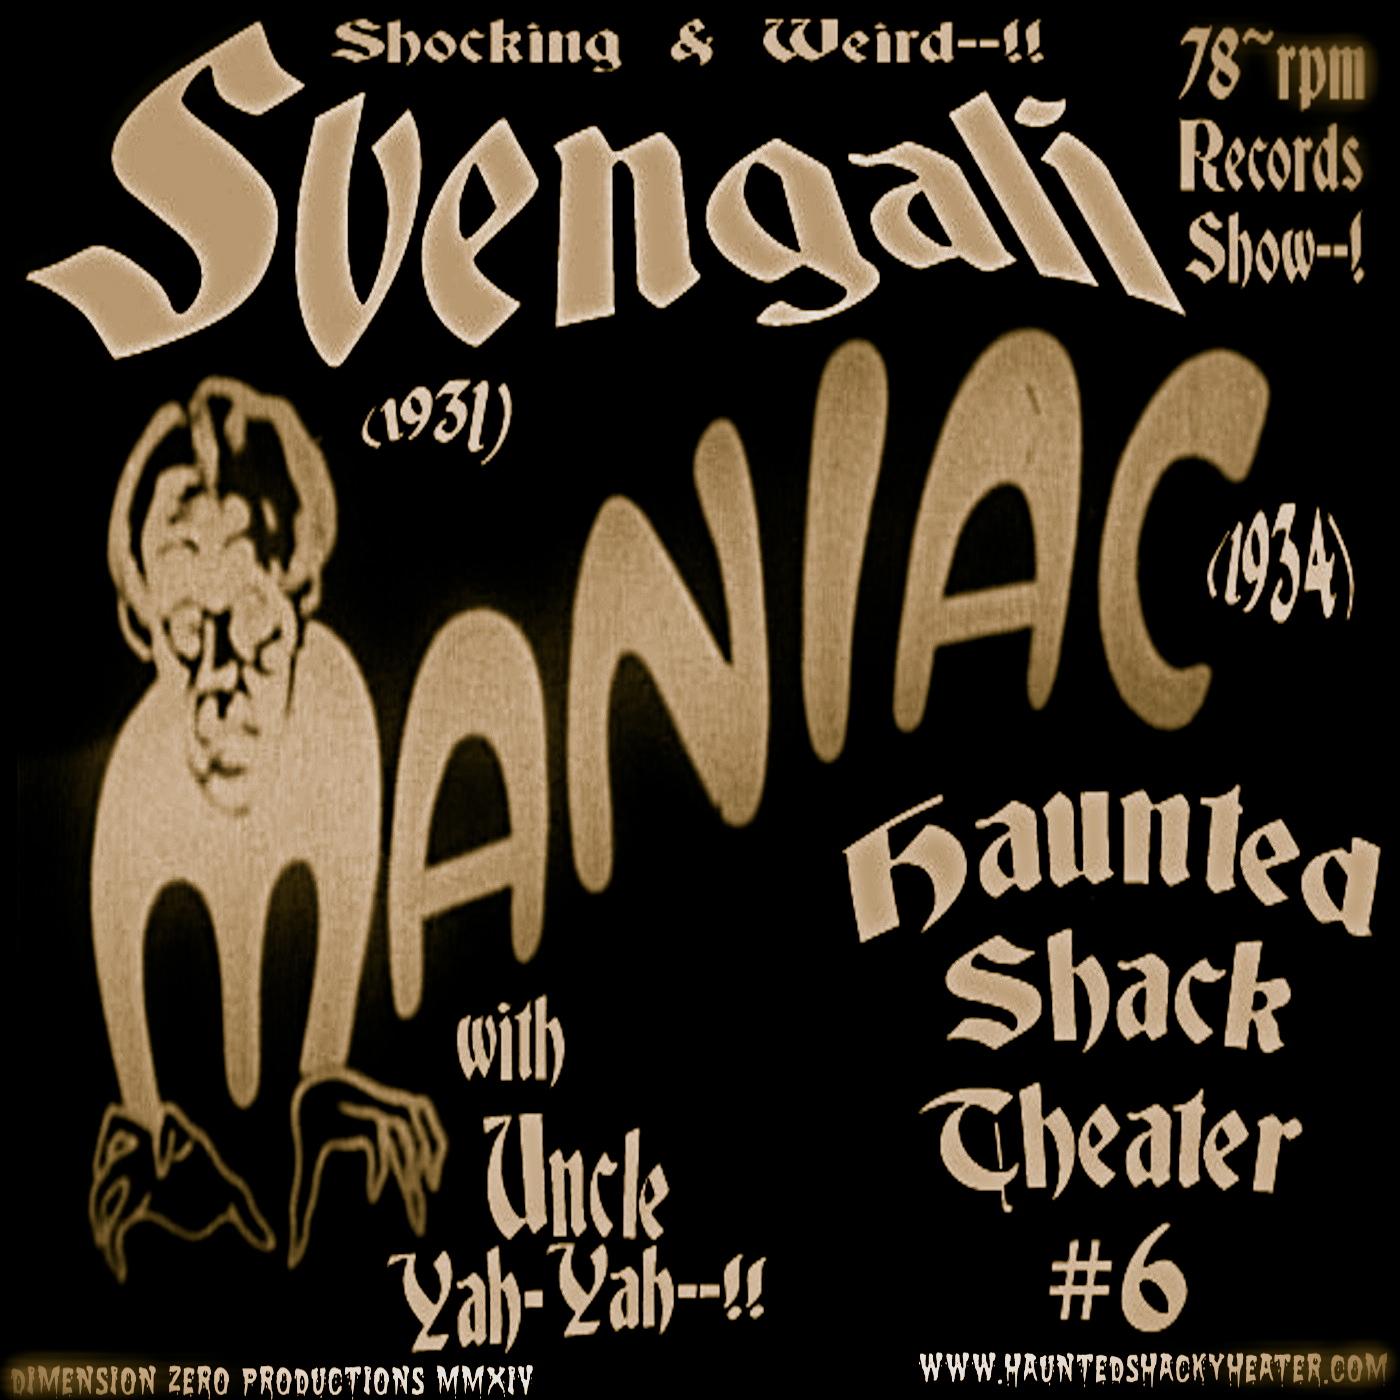 78 rpm record show